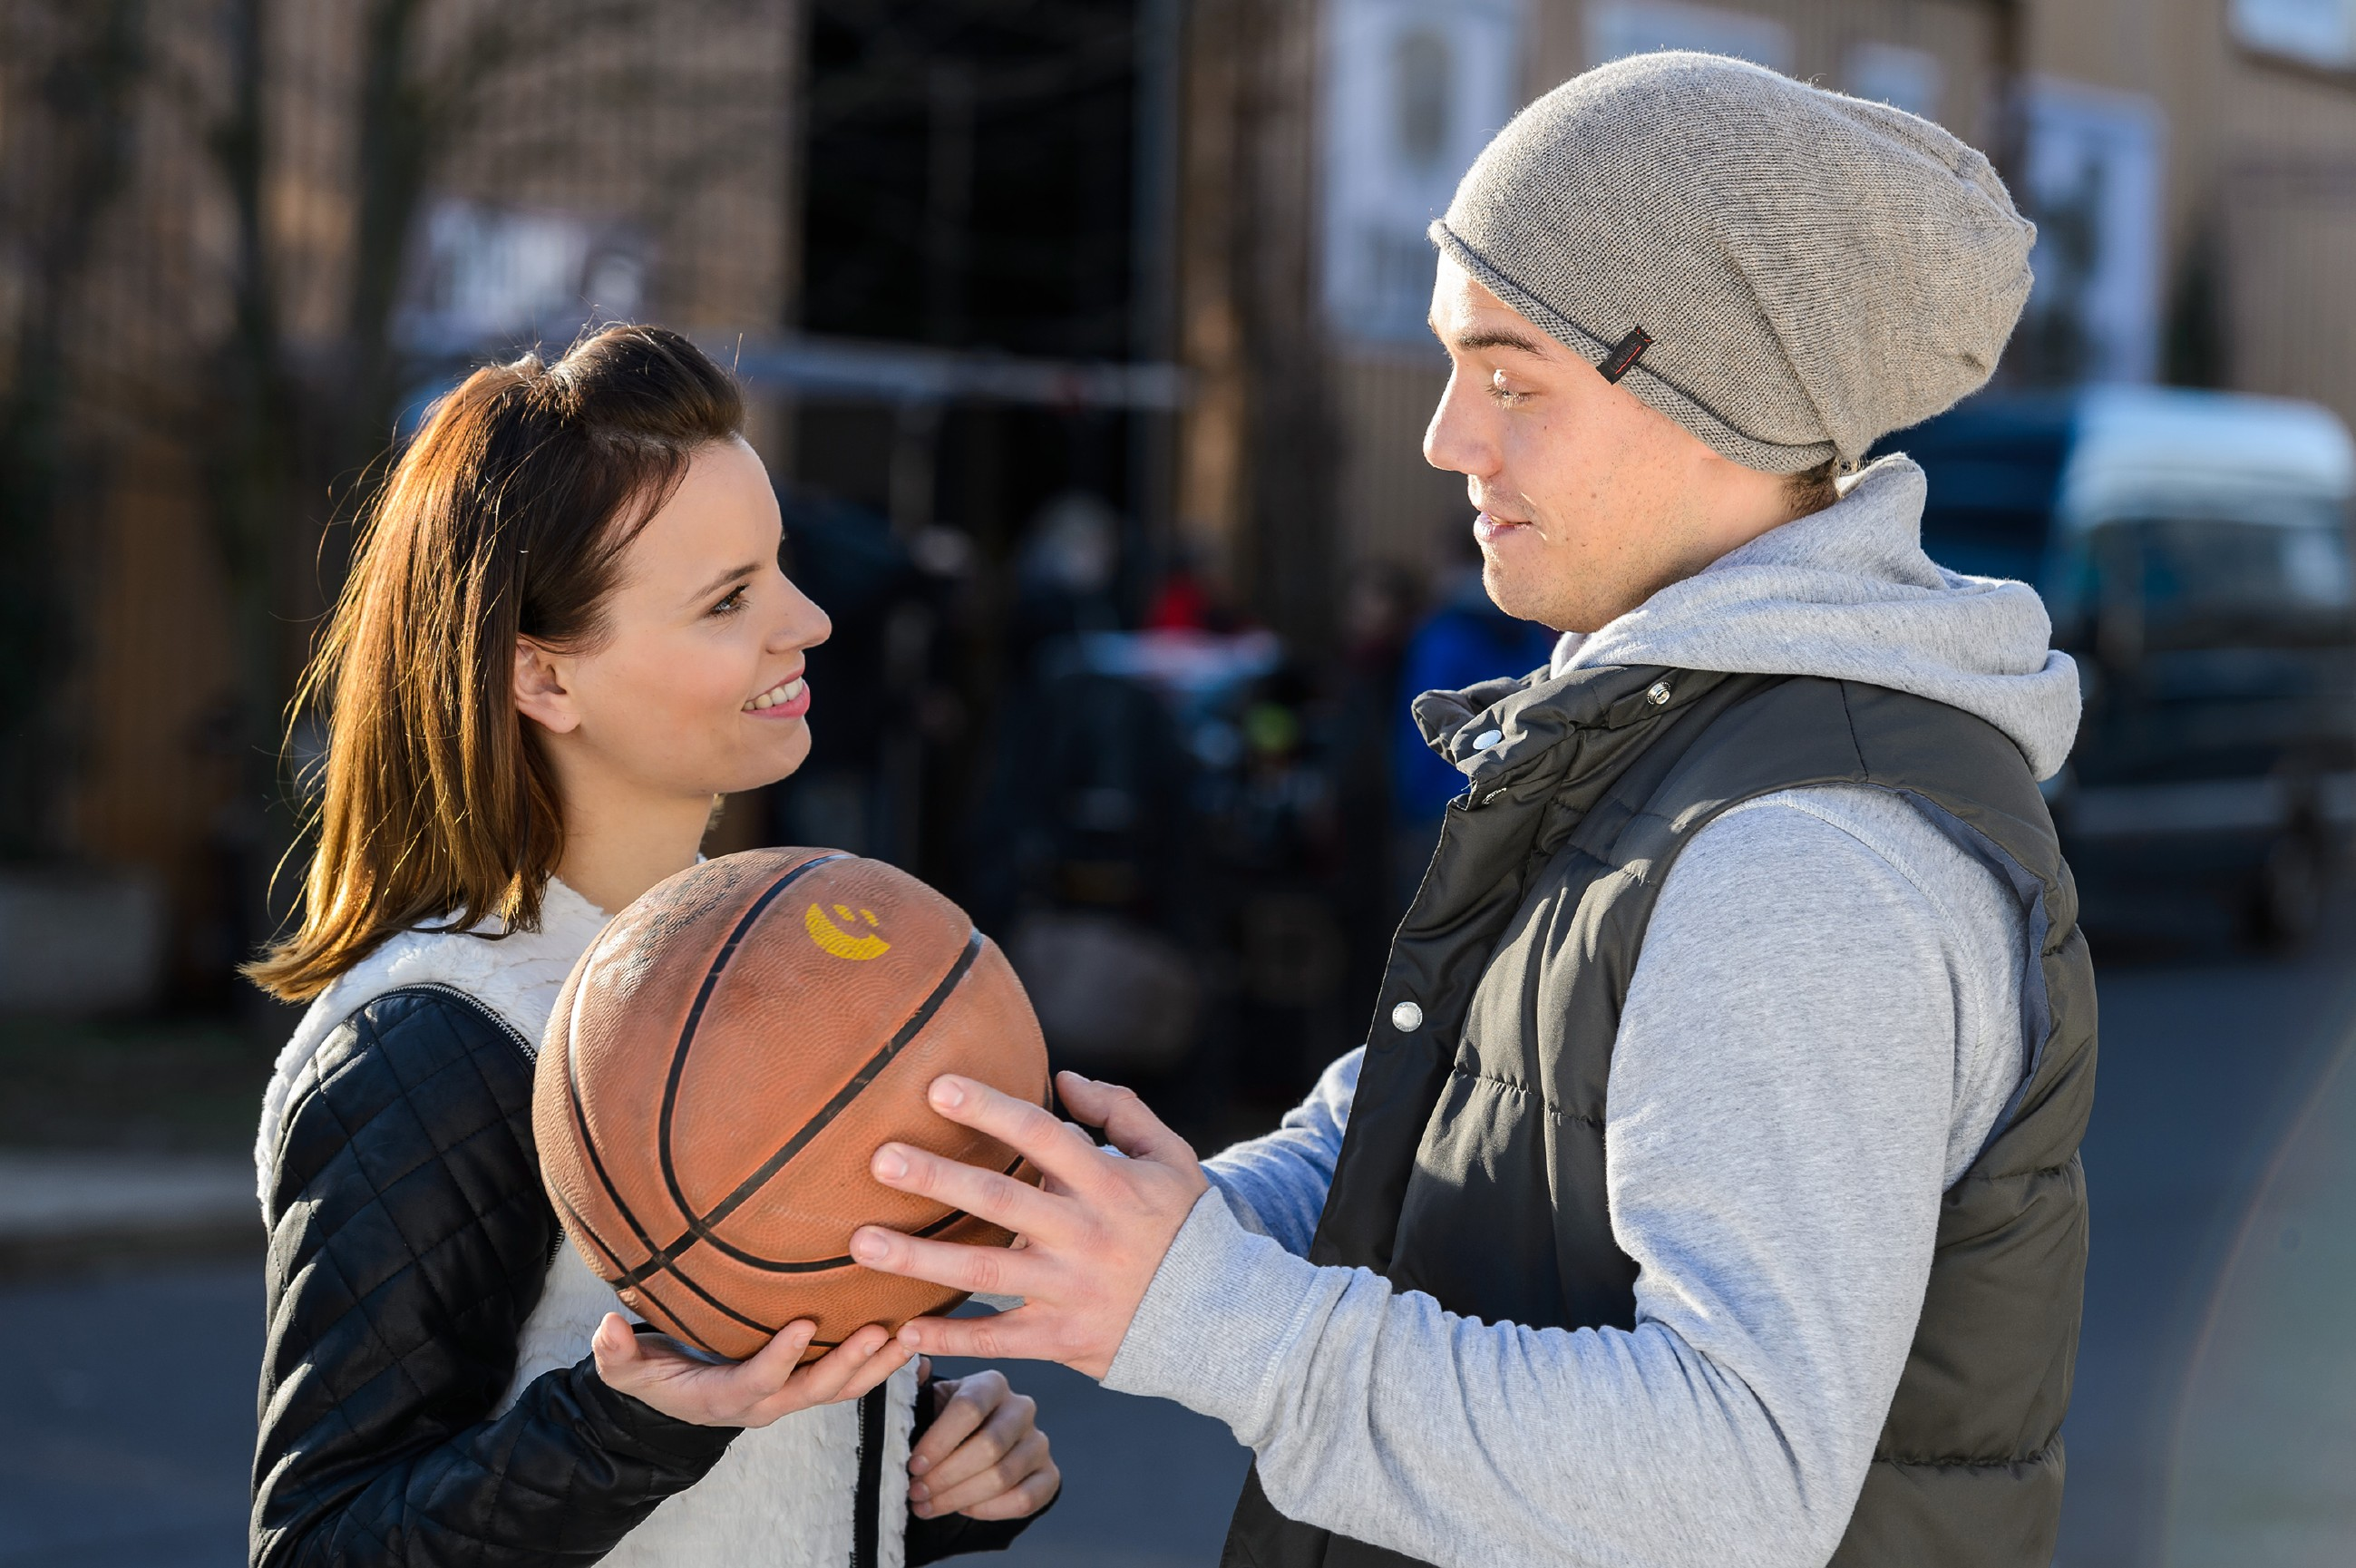 Um sich zu beweisen, dass er ein freier Mann ist, lässt Leo (Julian Bayer) sich auf einen Flirt mit Michelle (Franziska Benz) ein. (Quelle: RTL / Willi Weber)